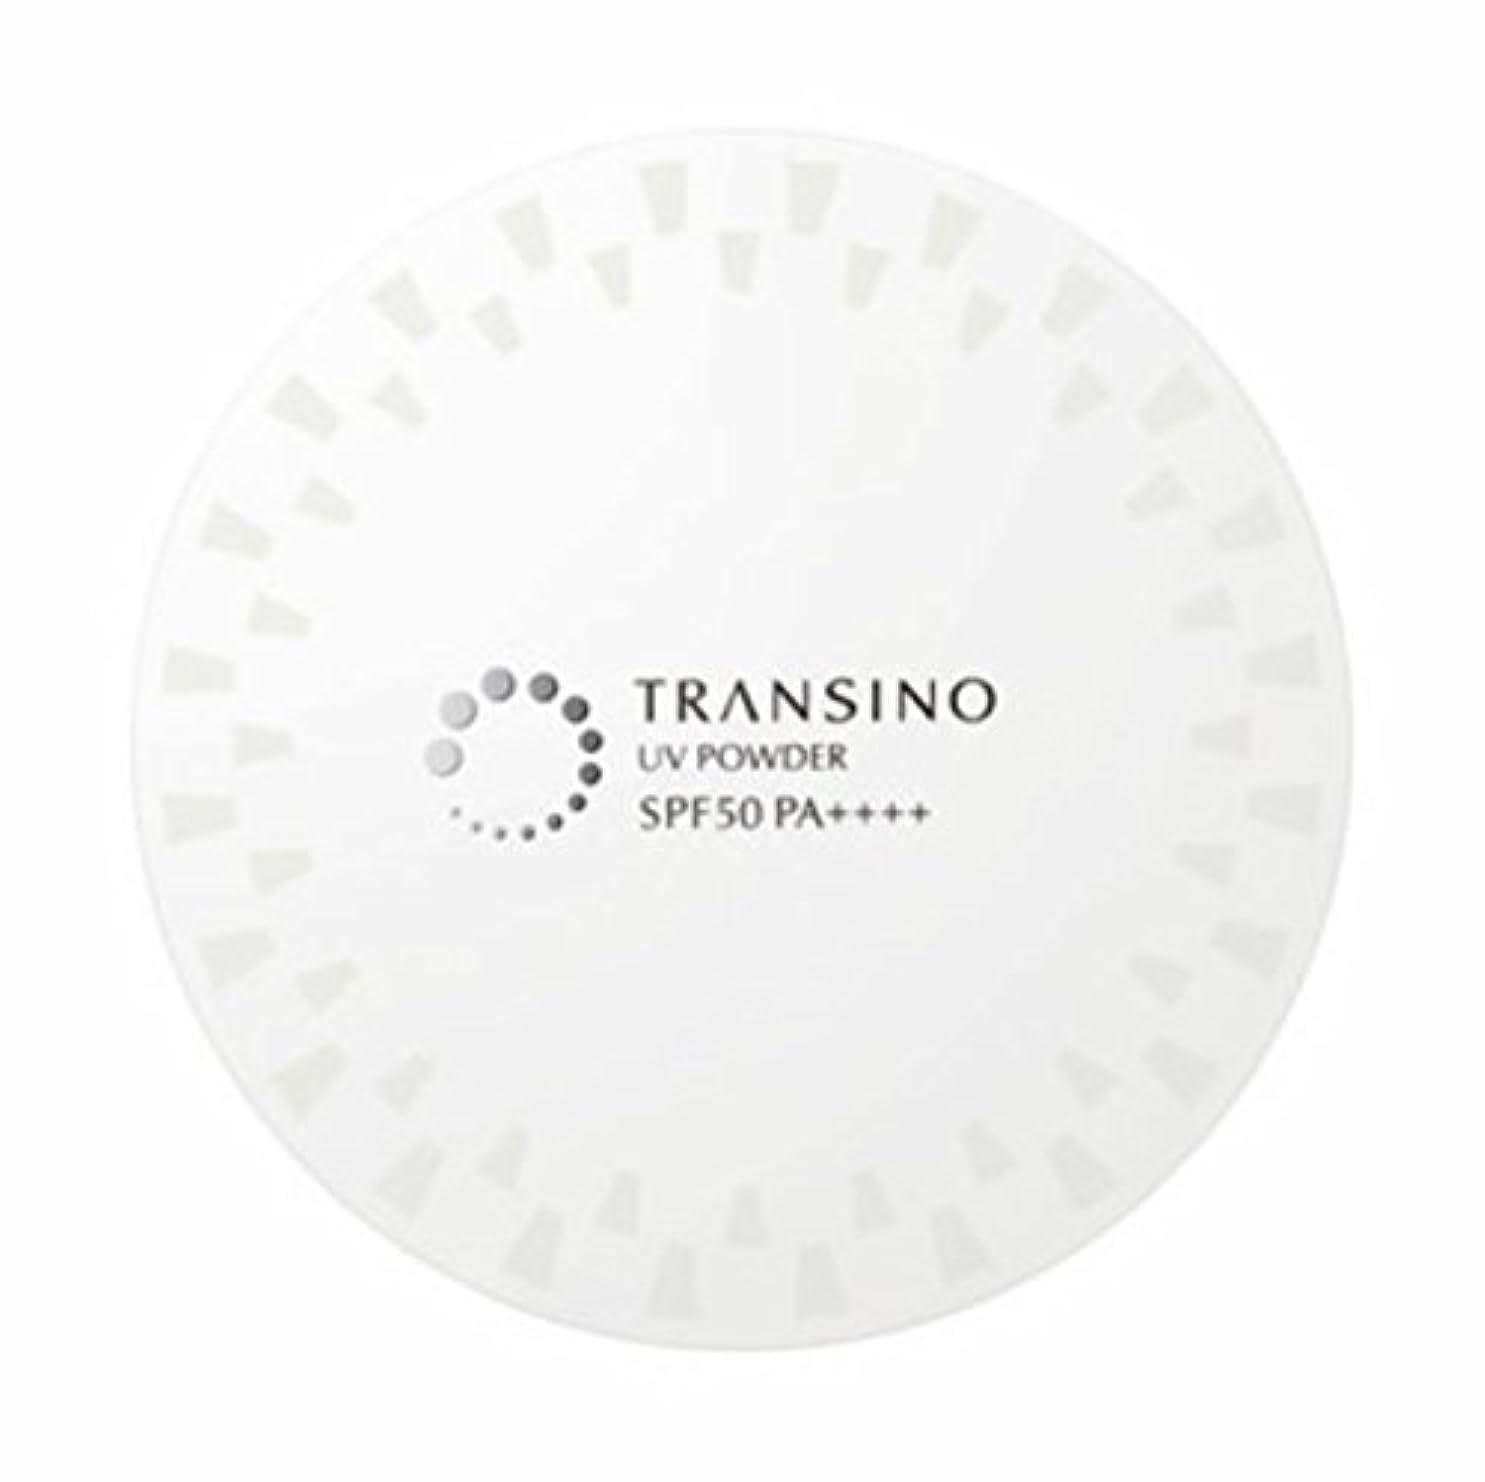 マラウイ小人アーネストシャクルトントランシーノ 薬用UVパウダー 12g SPF50?PA++++ [並行輸入品]